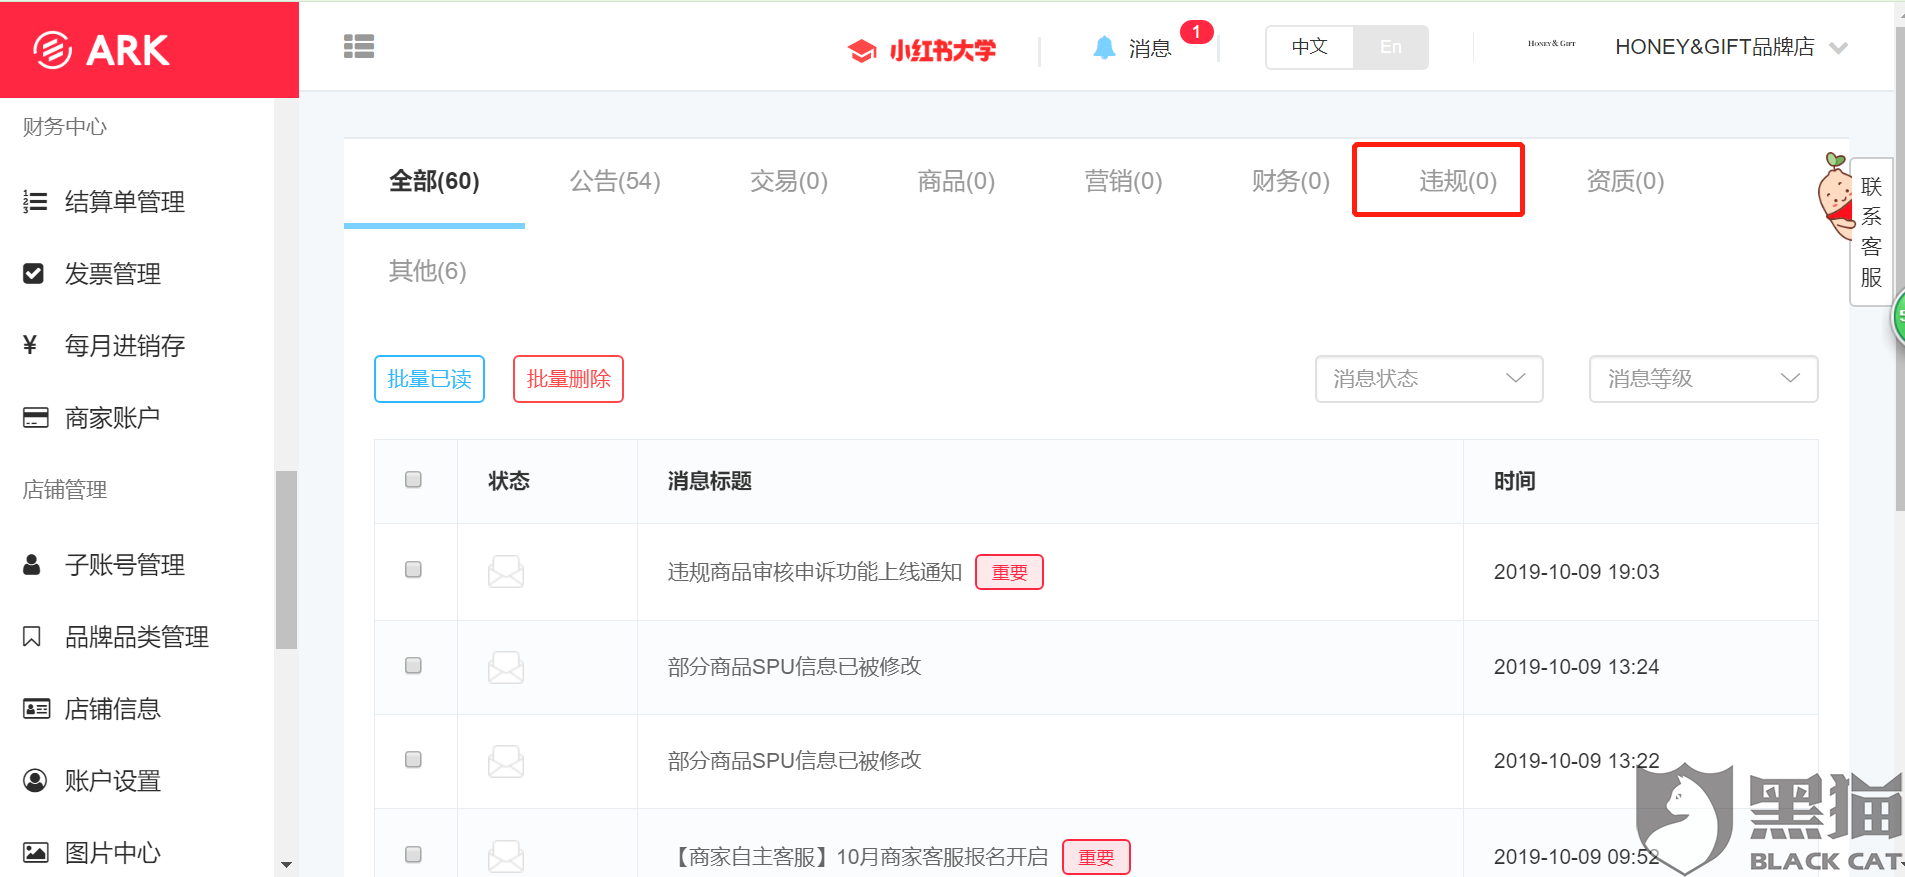 黑猫投诉:小红书未经通知,曲解事实,扣除 HONEY&GIFT品牌店保证金5000元